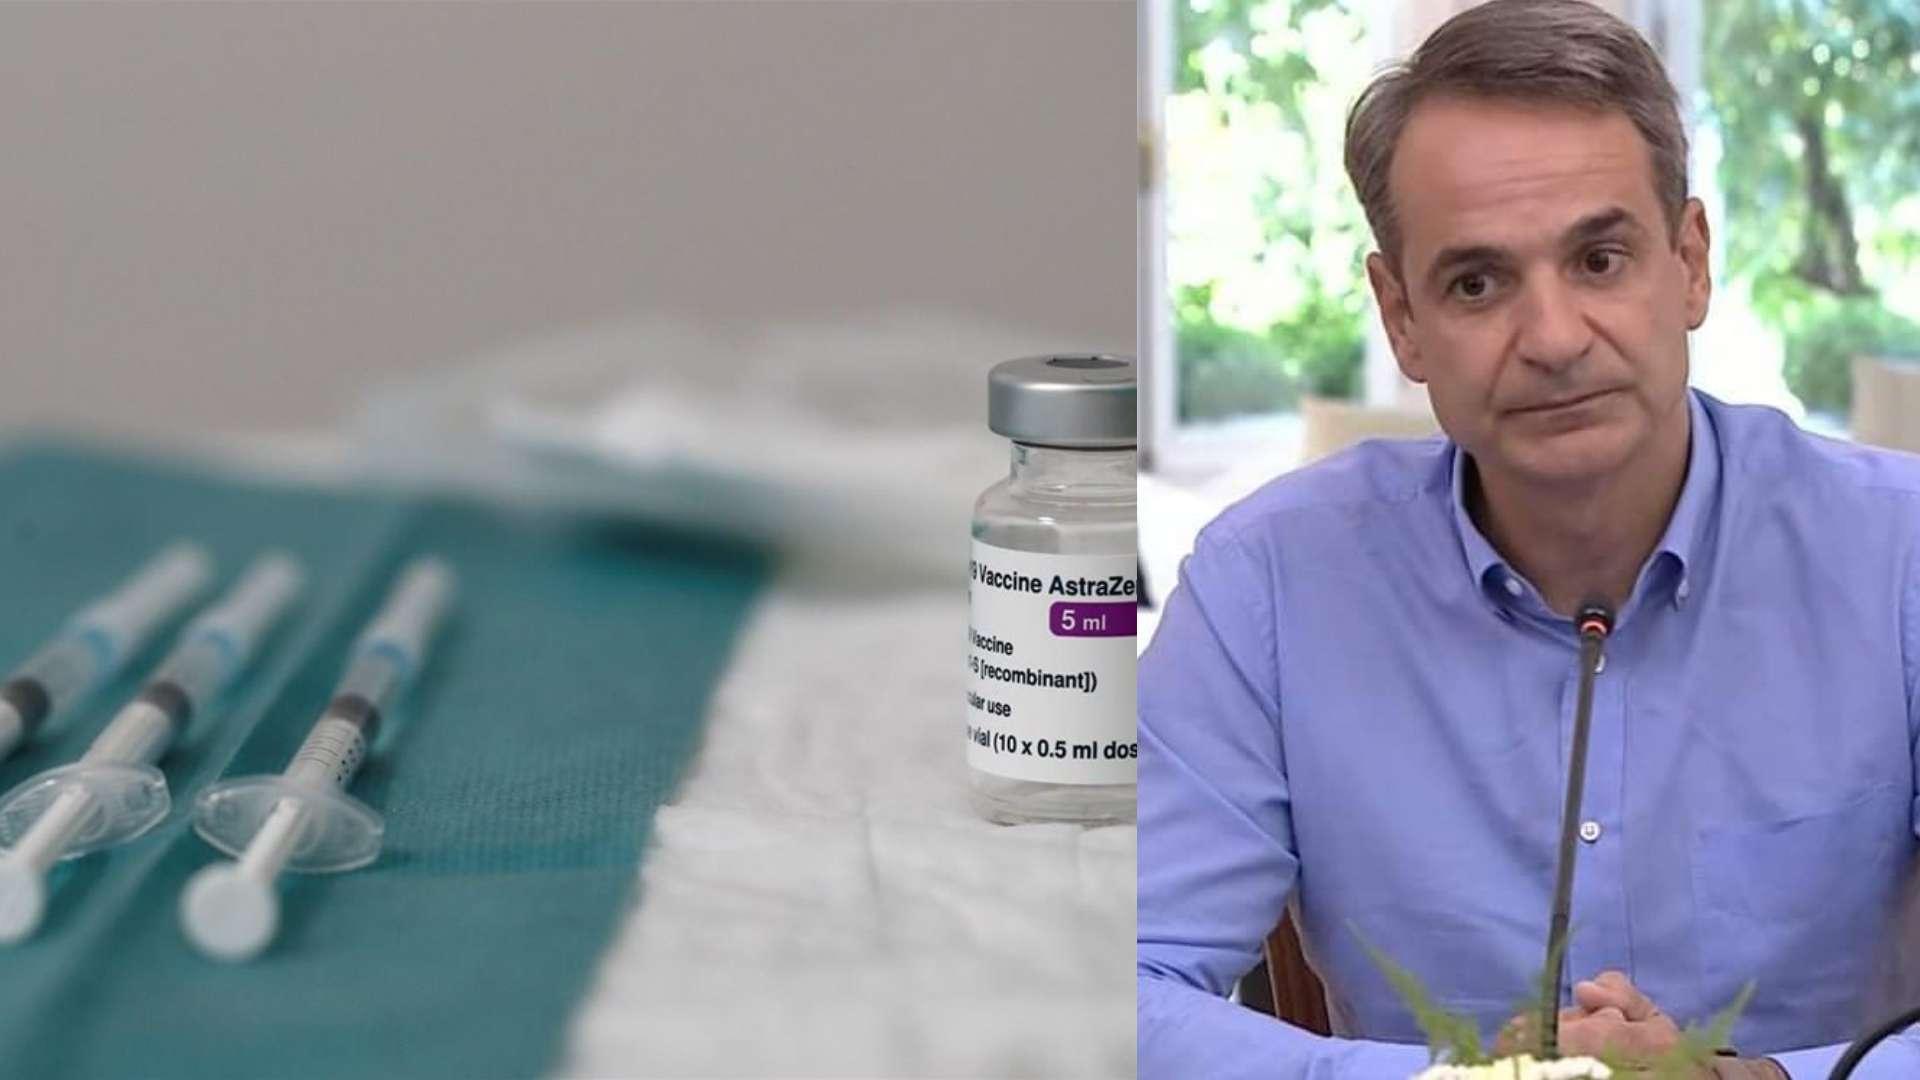 Το εμβόλιο κατά της covid-19, η κυβέρνηση της ΝΔ και εμείς